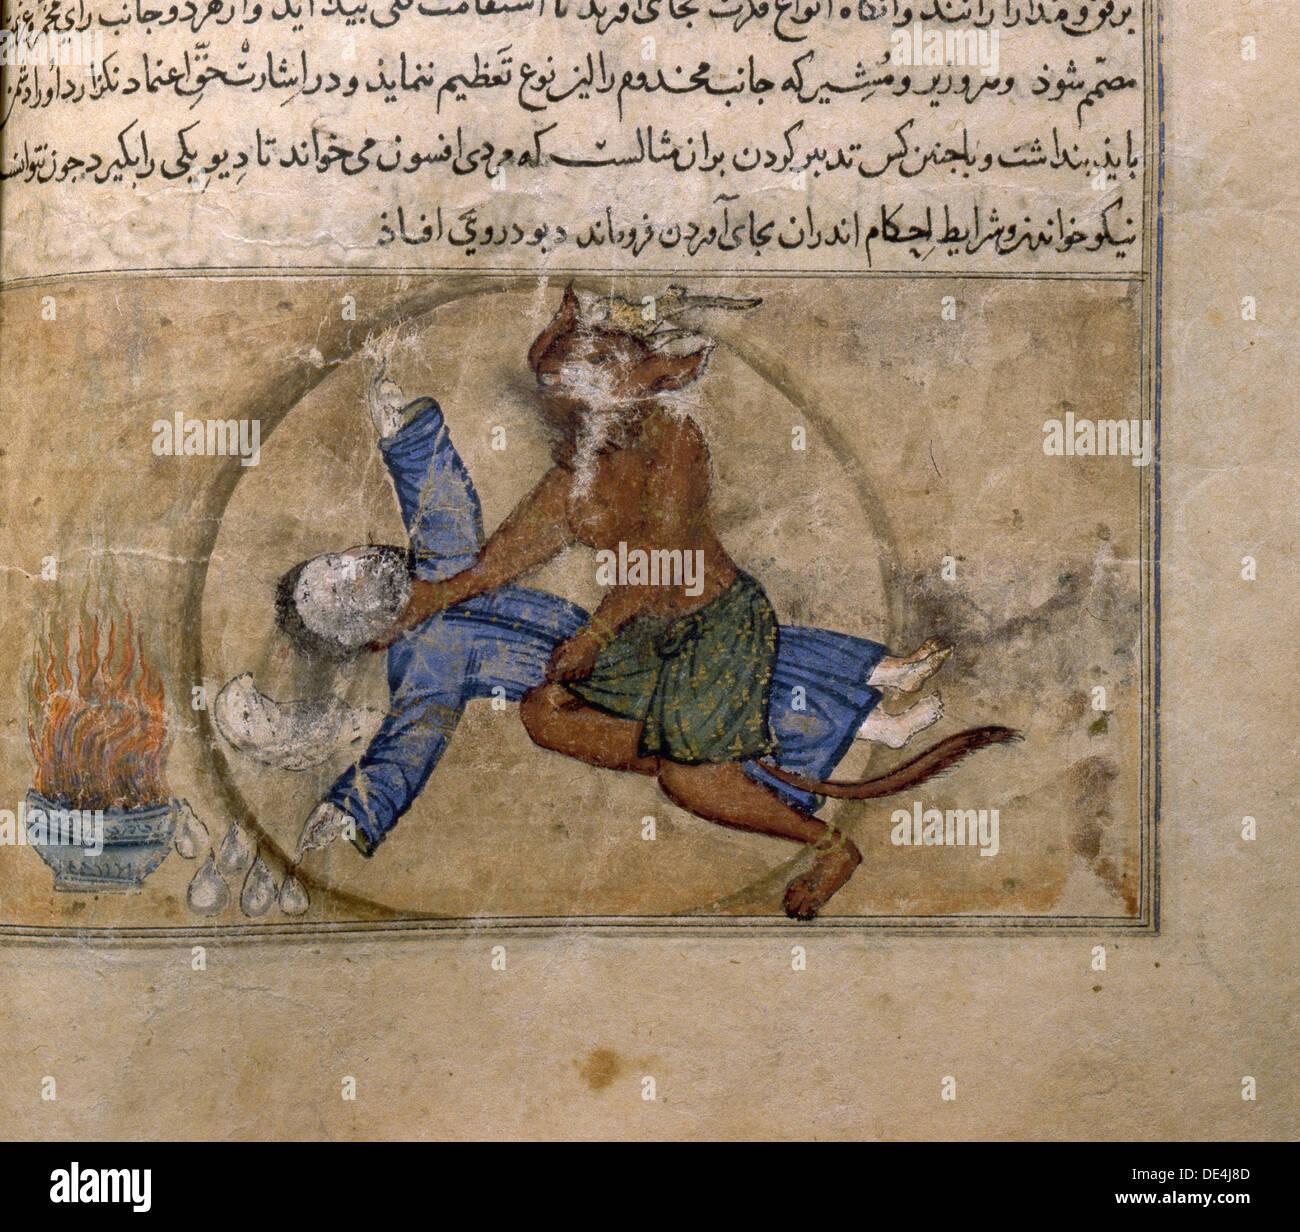 Buchmalerei mit Darstellung der Dämon ein Patient erstickt. Stockbild